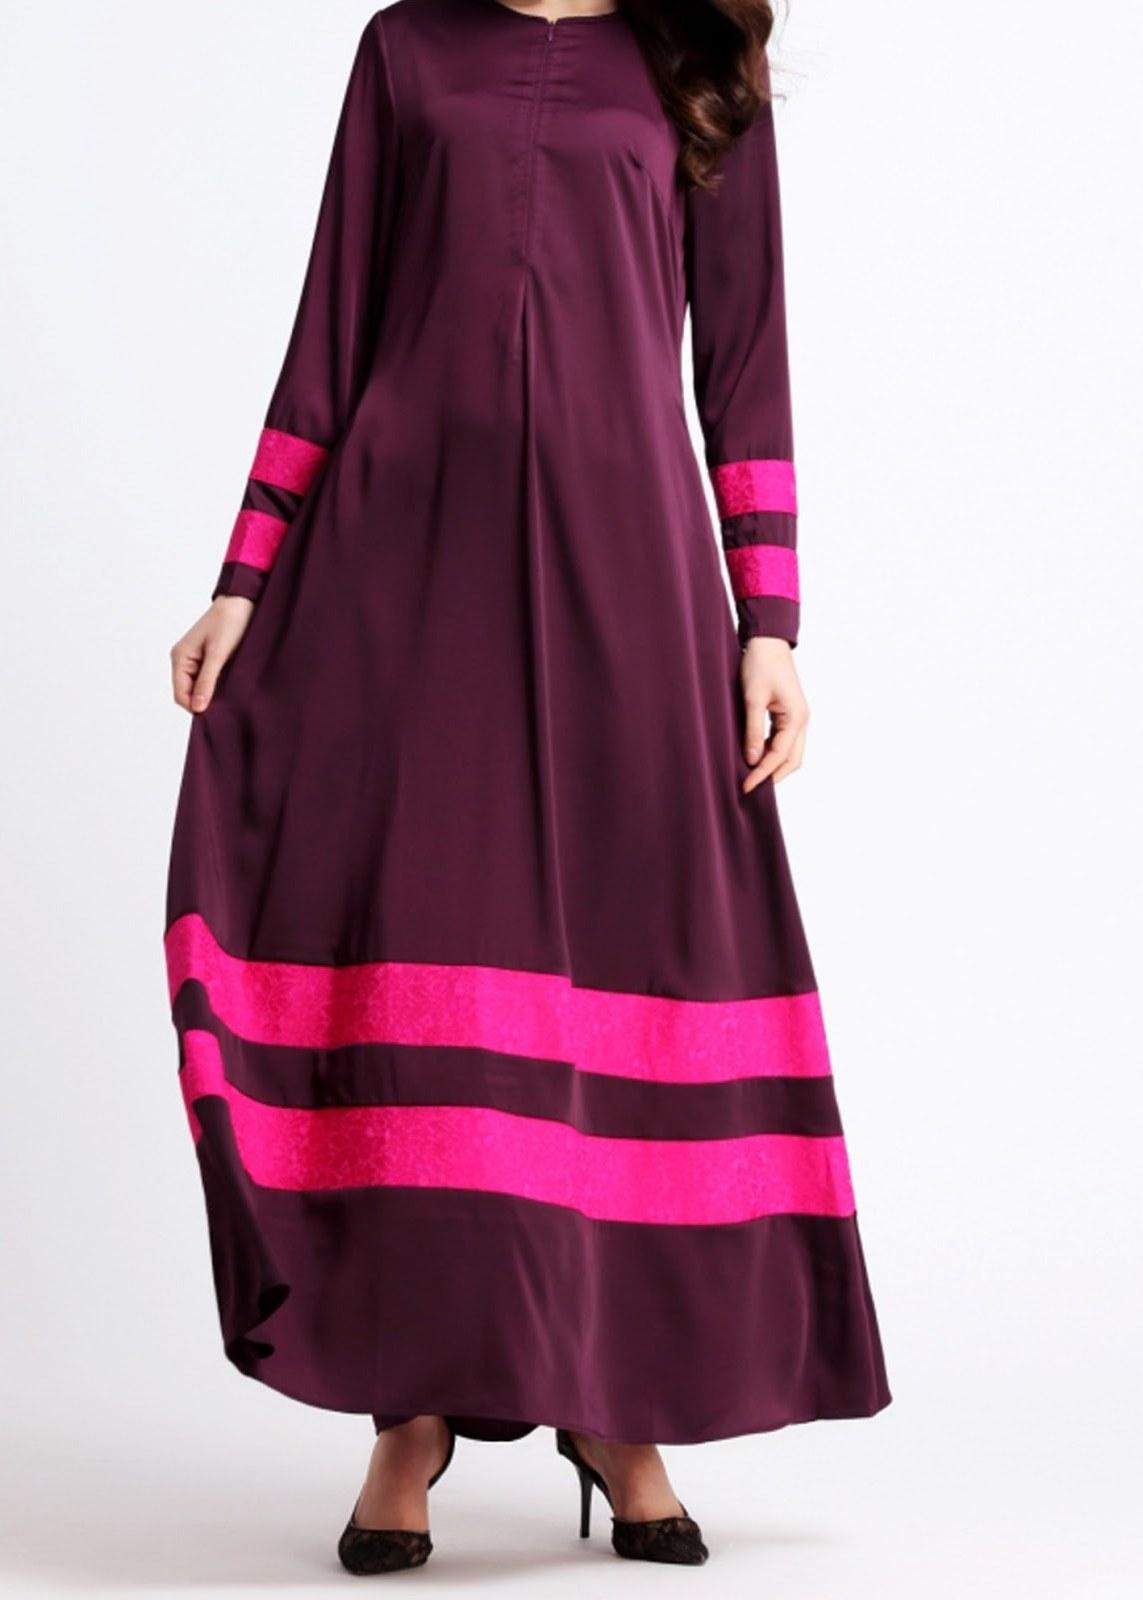 Ide Sewa Baju Pengantin Muslimah Syar'i D0dg norzi Beautilicious House Nbh0491 Insyikah Jubah Nursing